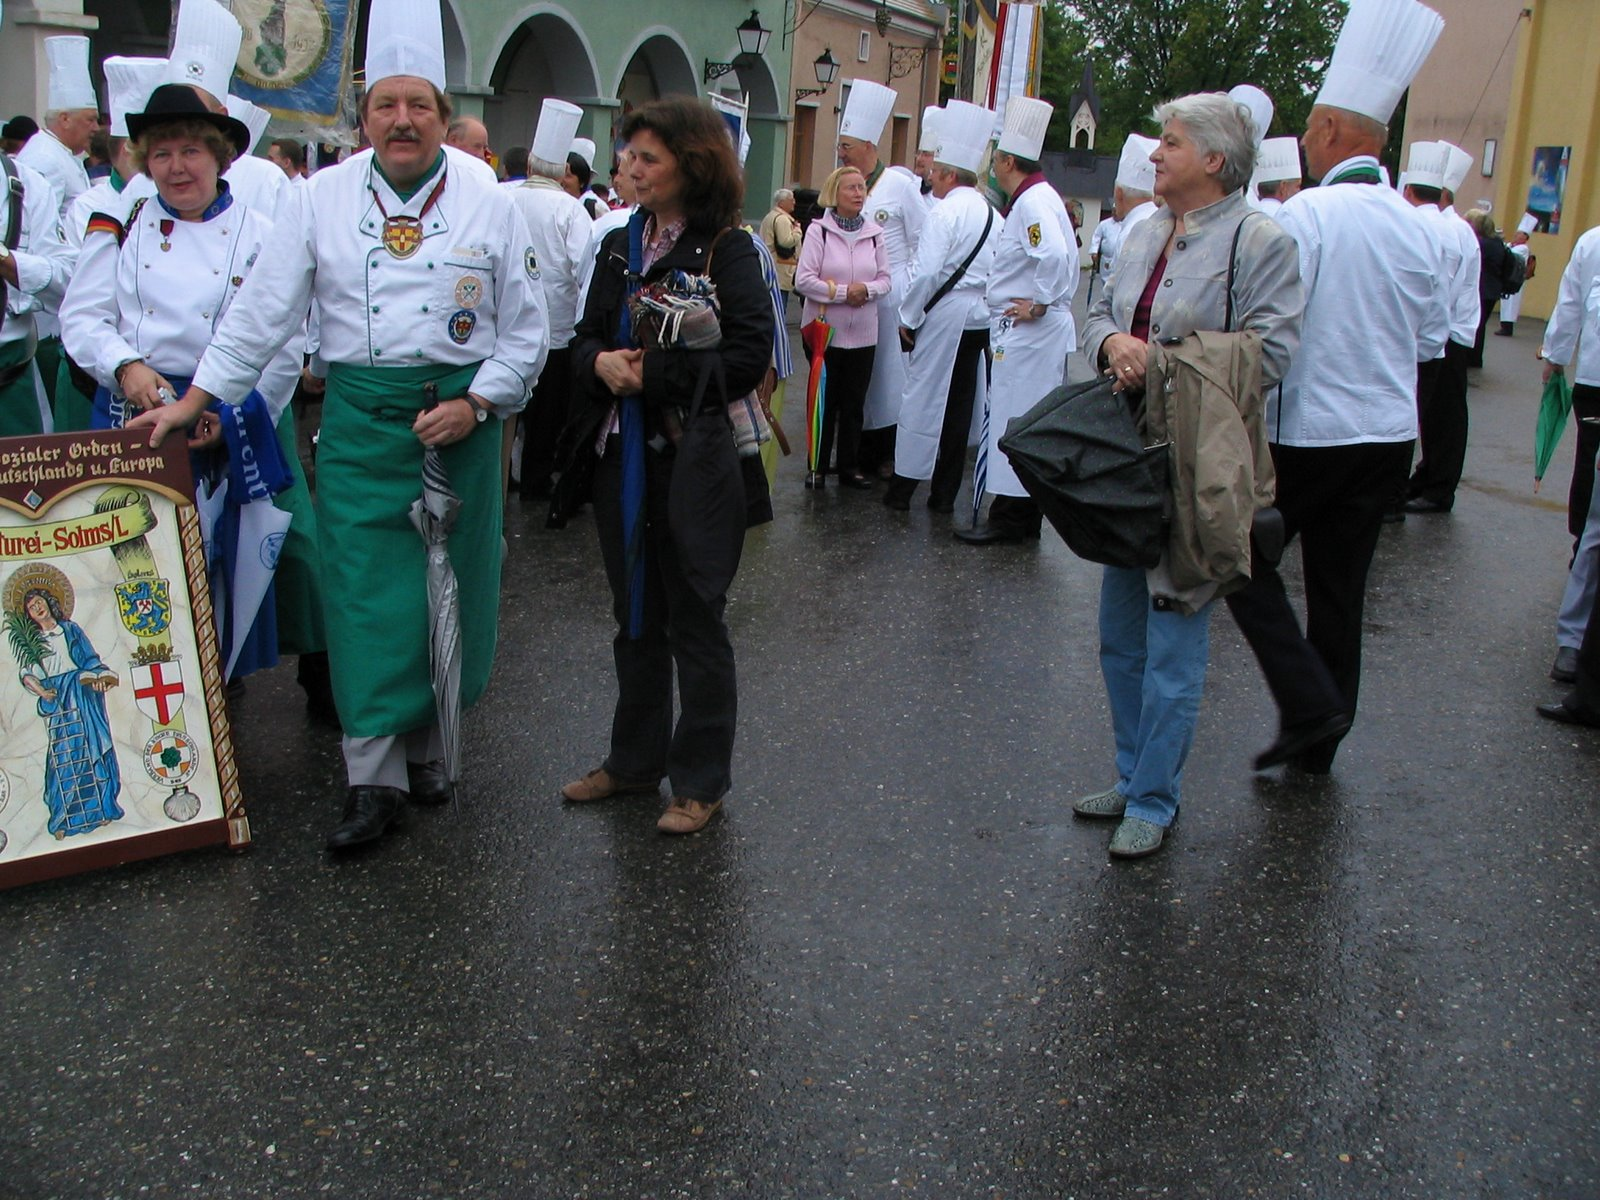 Ordensschwester Ilse Köhne aus der Komturei Kassel